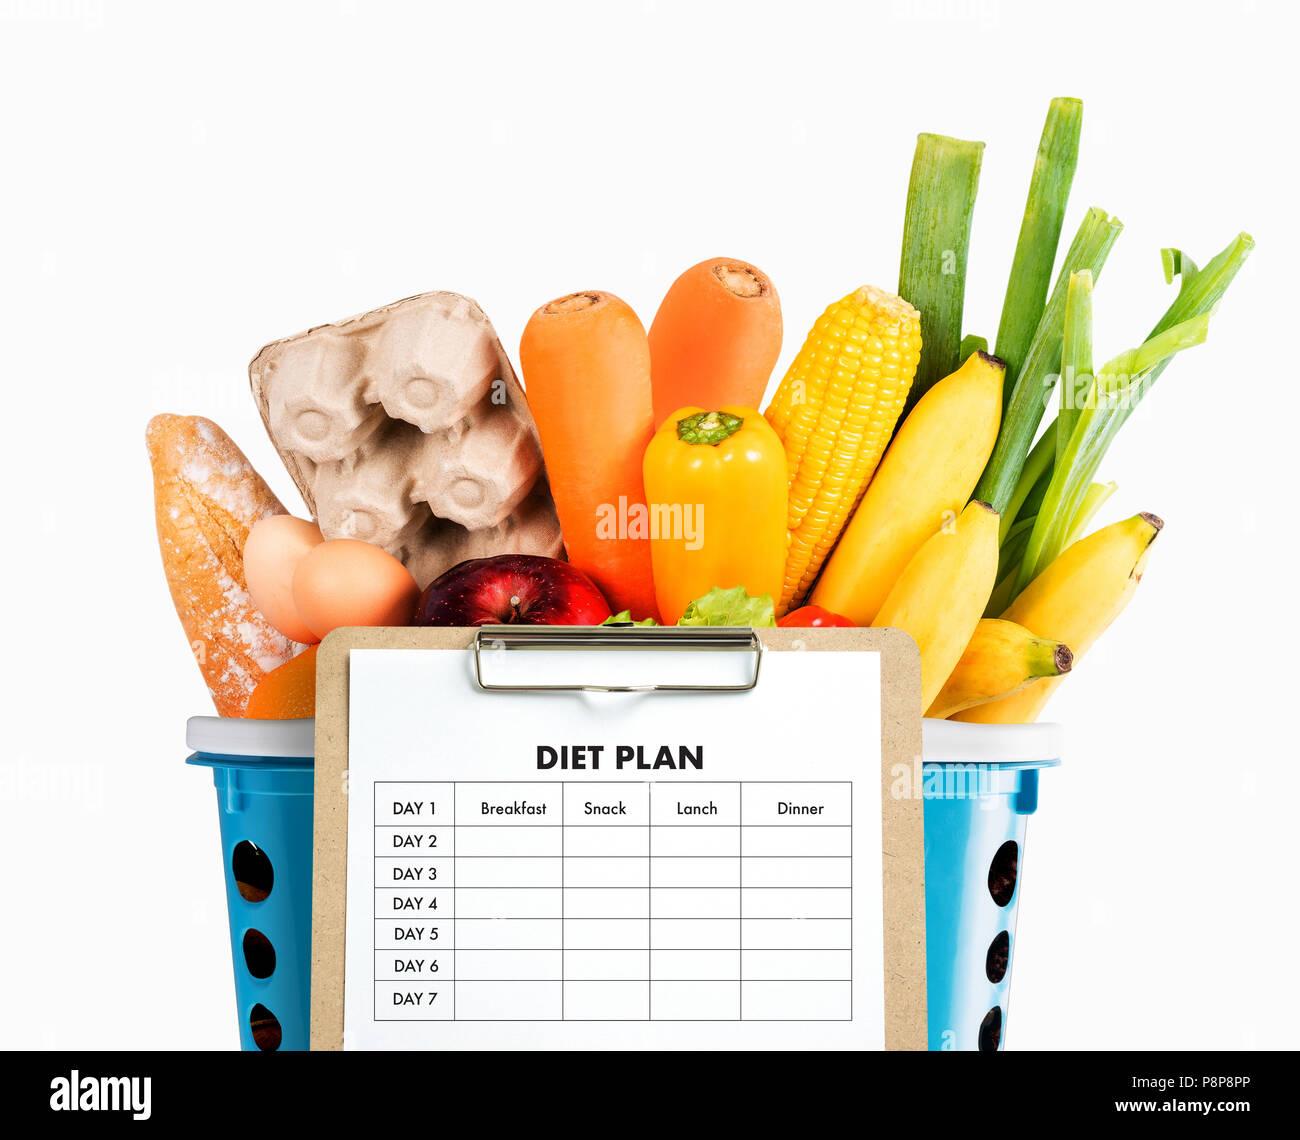 Gesunde Diat Plan Essen Diaten Abnehmen Und Gewicht Verlust